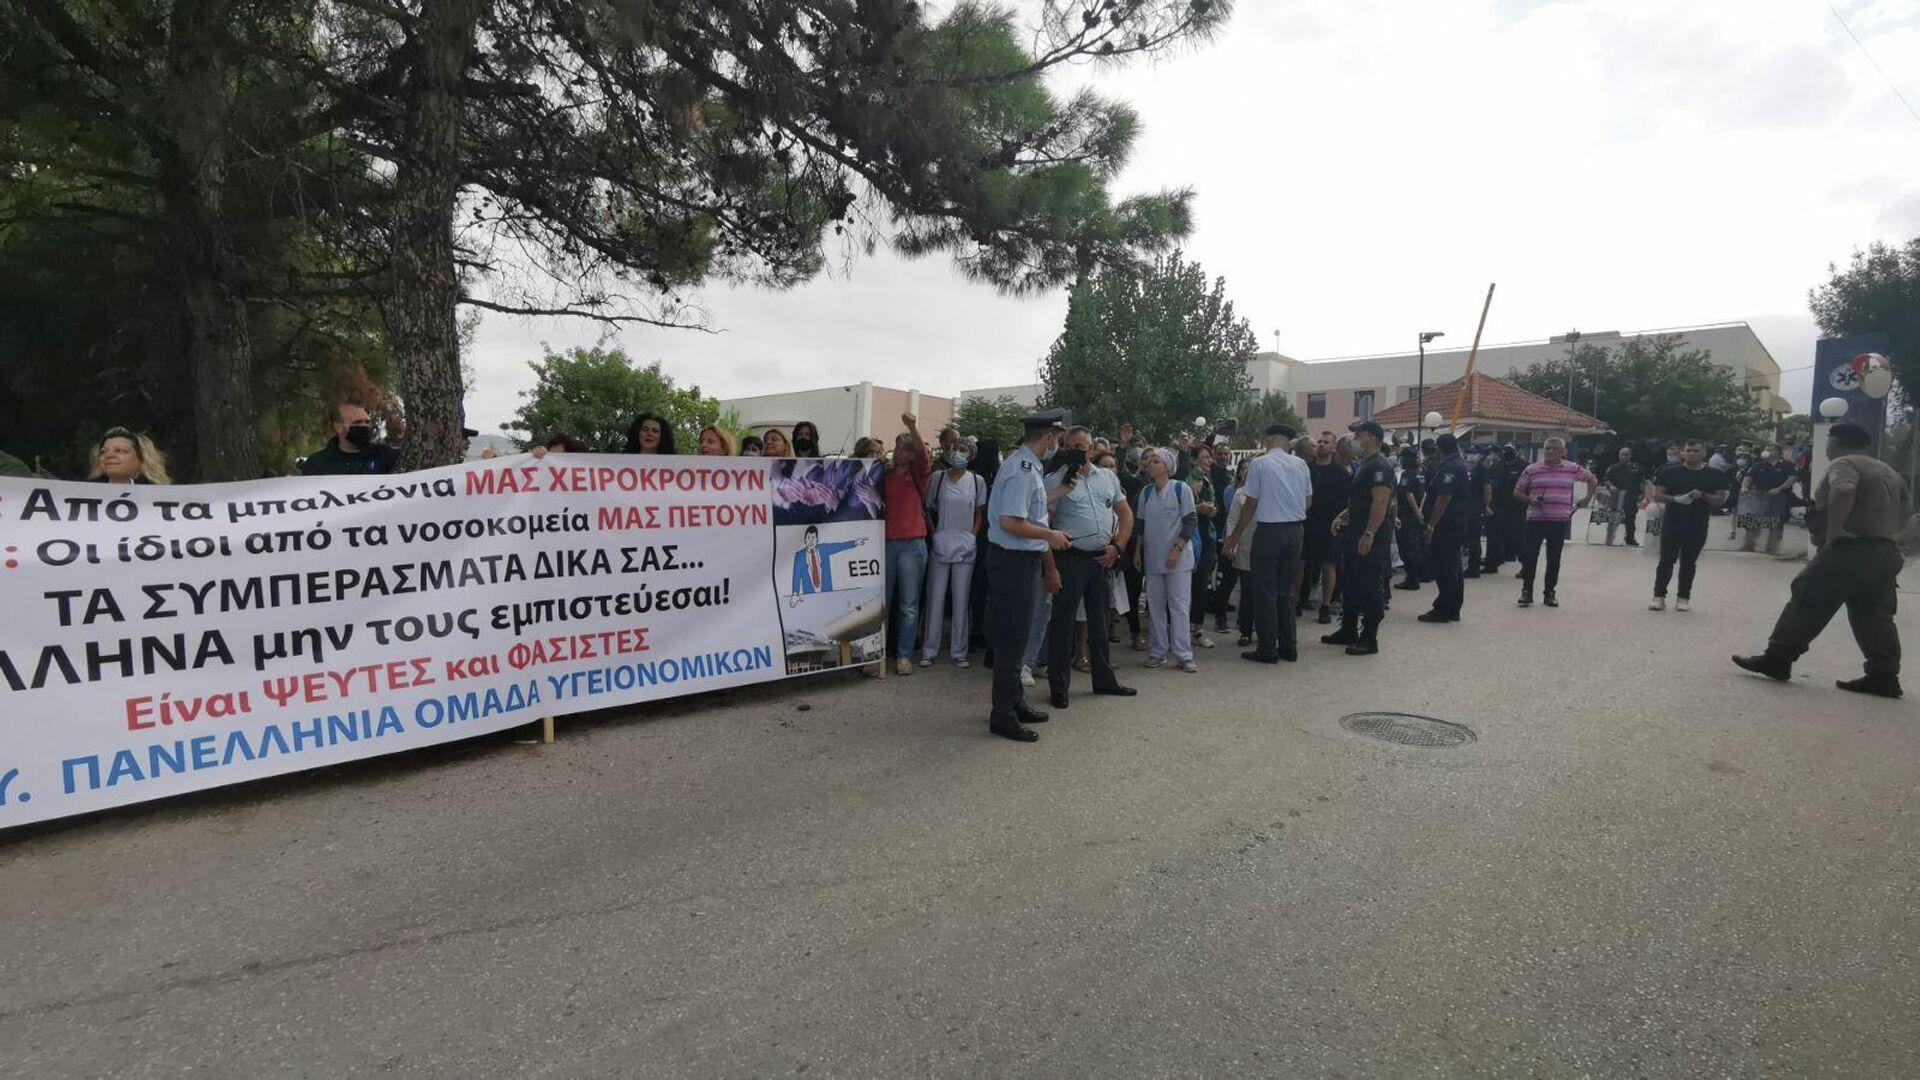 Υγειονομικοί έξω από το ΕΚΑΒ Θεσσαλονίκης περιμένουν την άφιξη του Θάνου Πλεύρη - Sputnik Ελλάδα, 1920, 22.09.2021